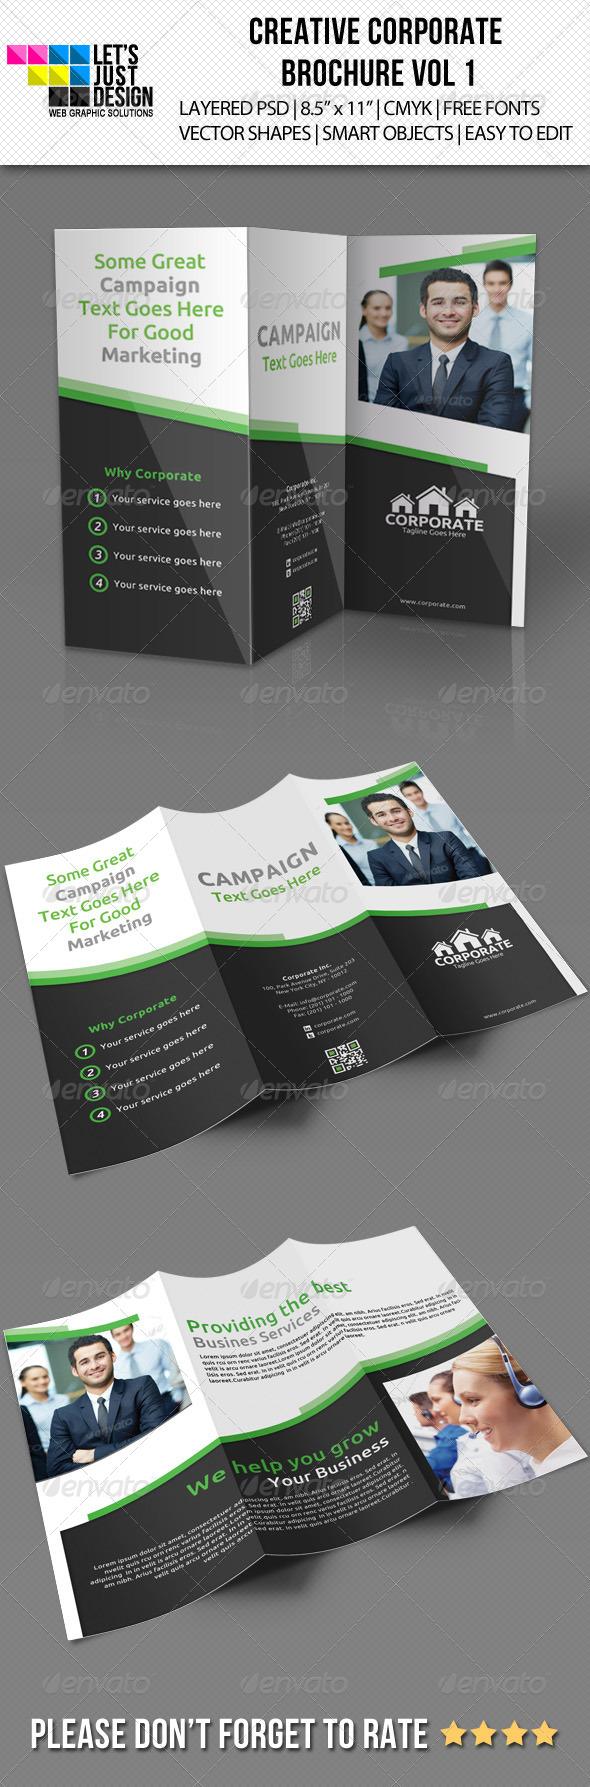 GraphicRiver Creative Corporate Brochure Vol 1 5423784